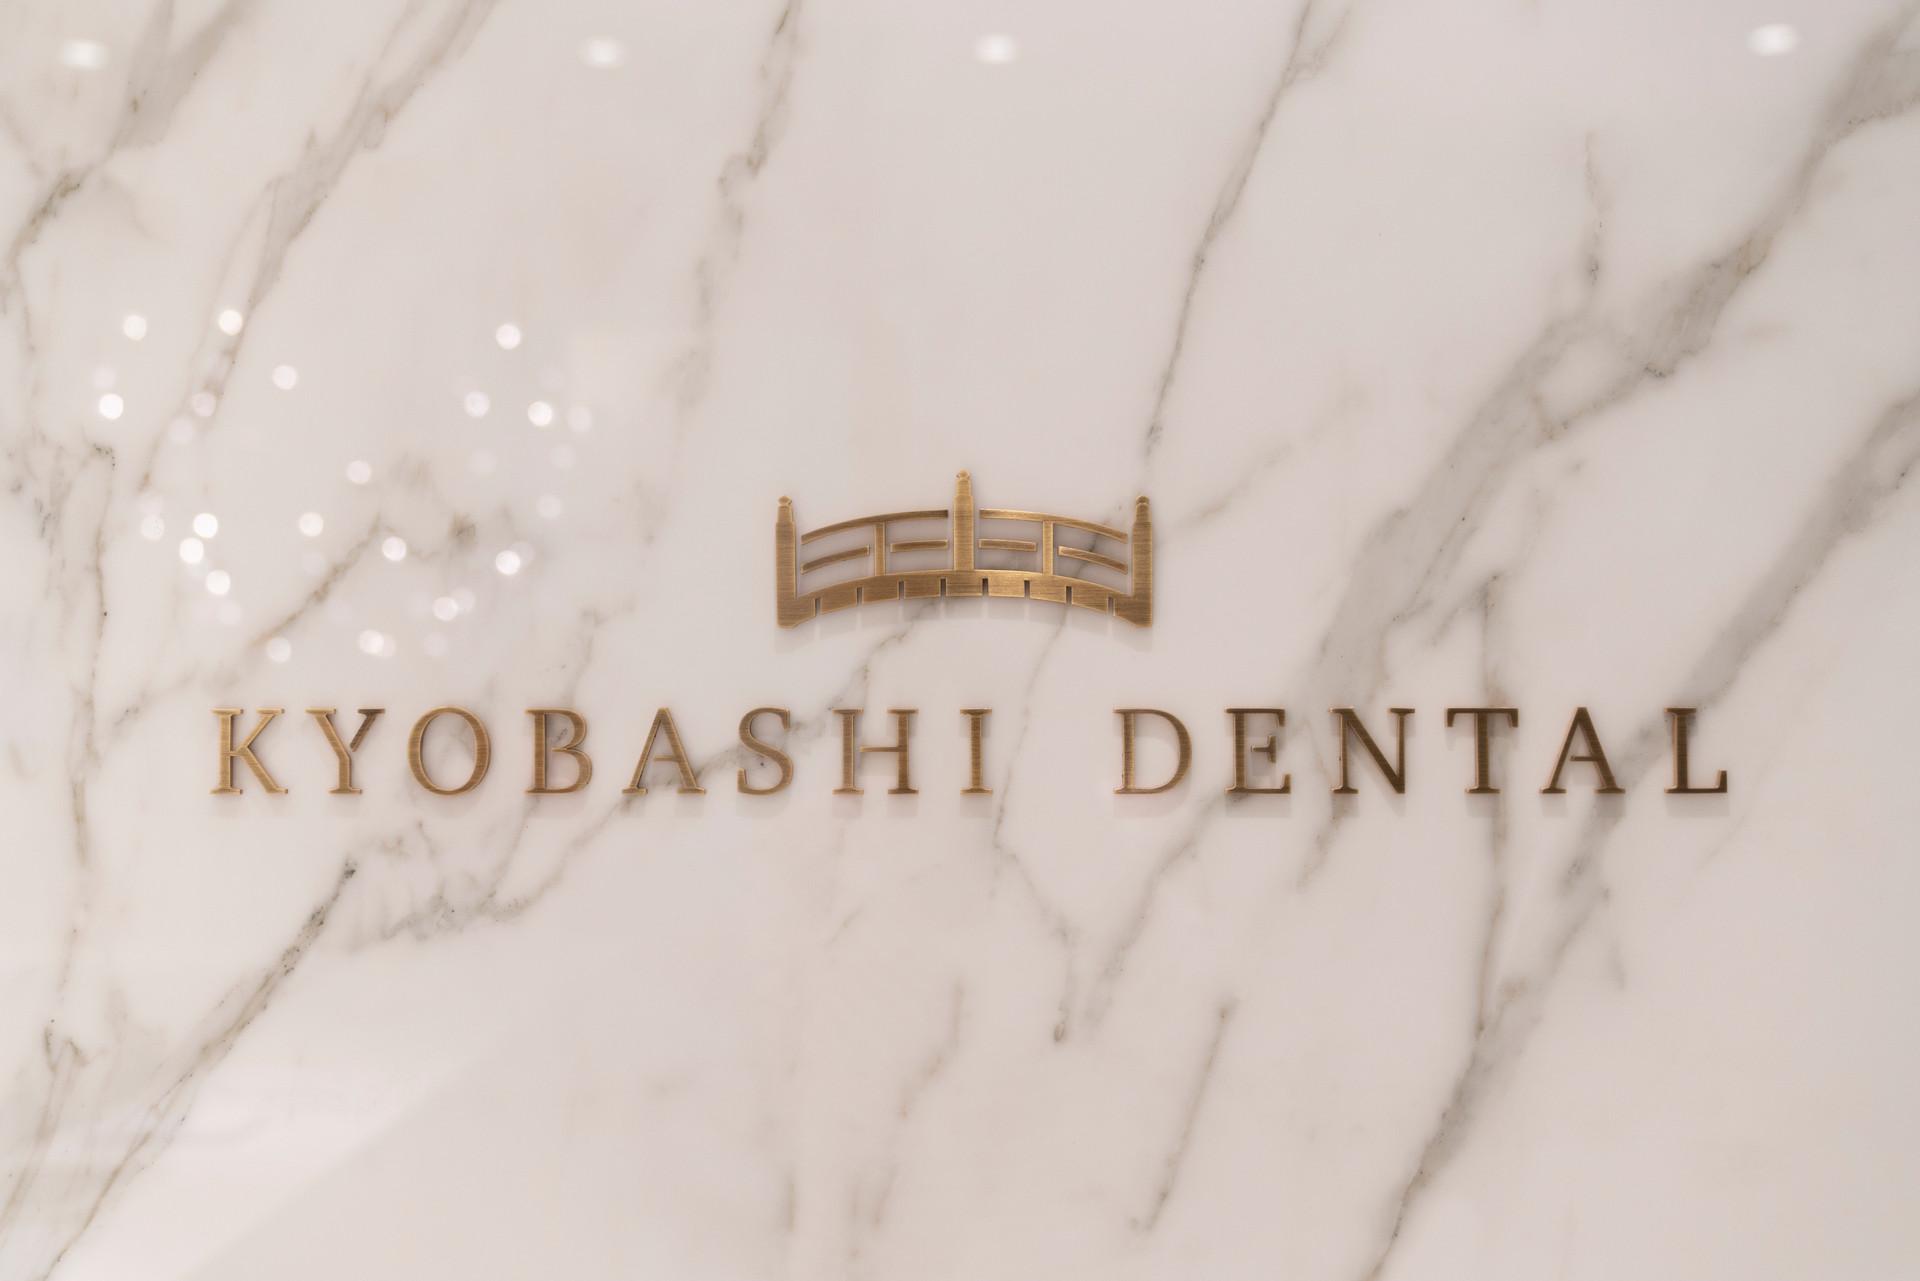 京橋歯科医院|エーハンドデザイン株式会社